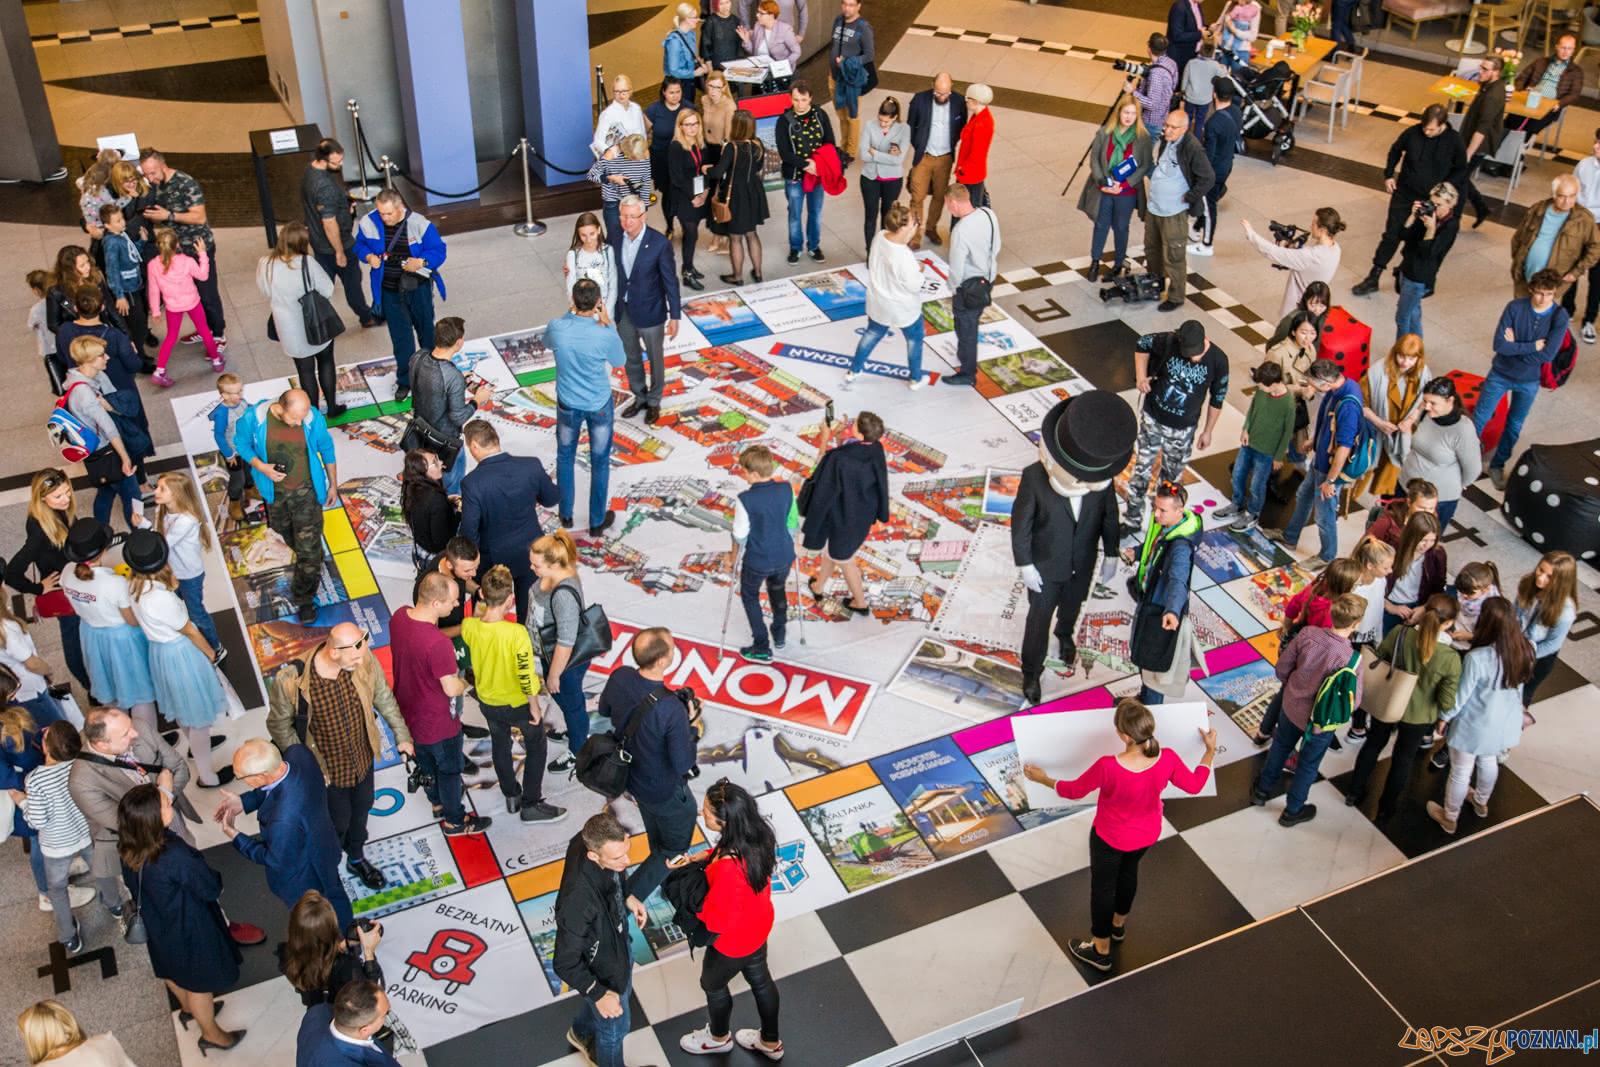 Prezentacja Monopoly Poznań (6.10.2018)  Foto: © Karolina Kiraga